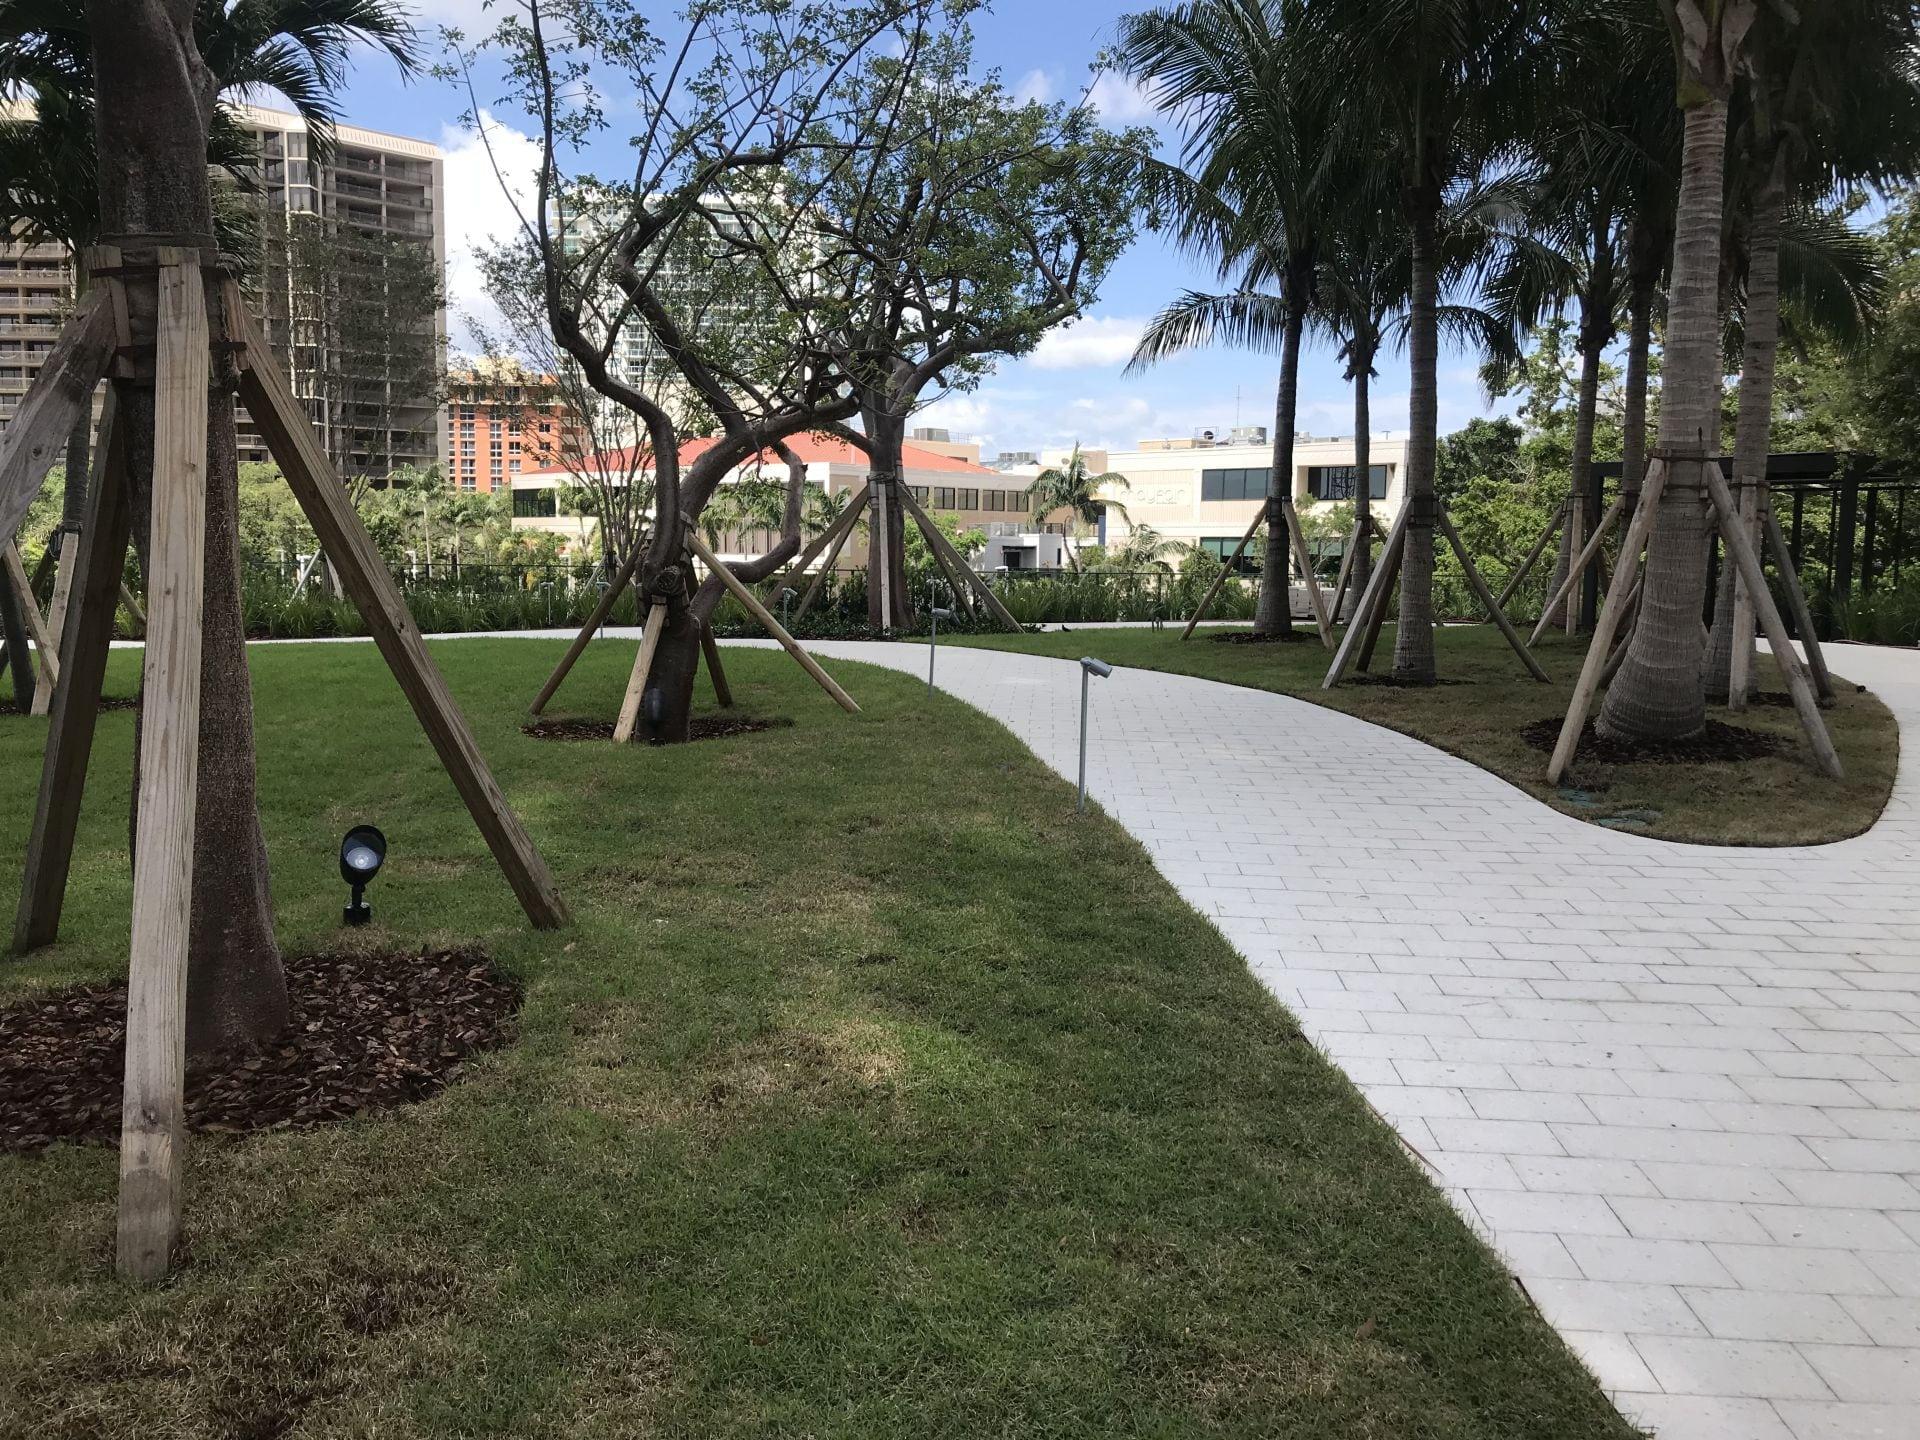 Park Grove landscape design by Enzo Enea